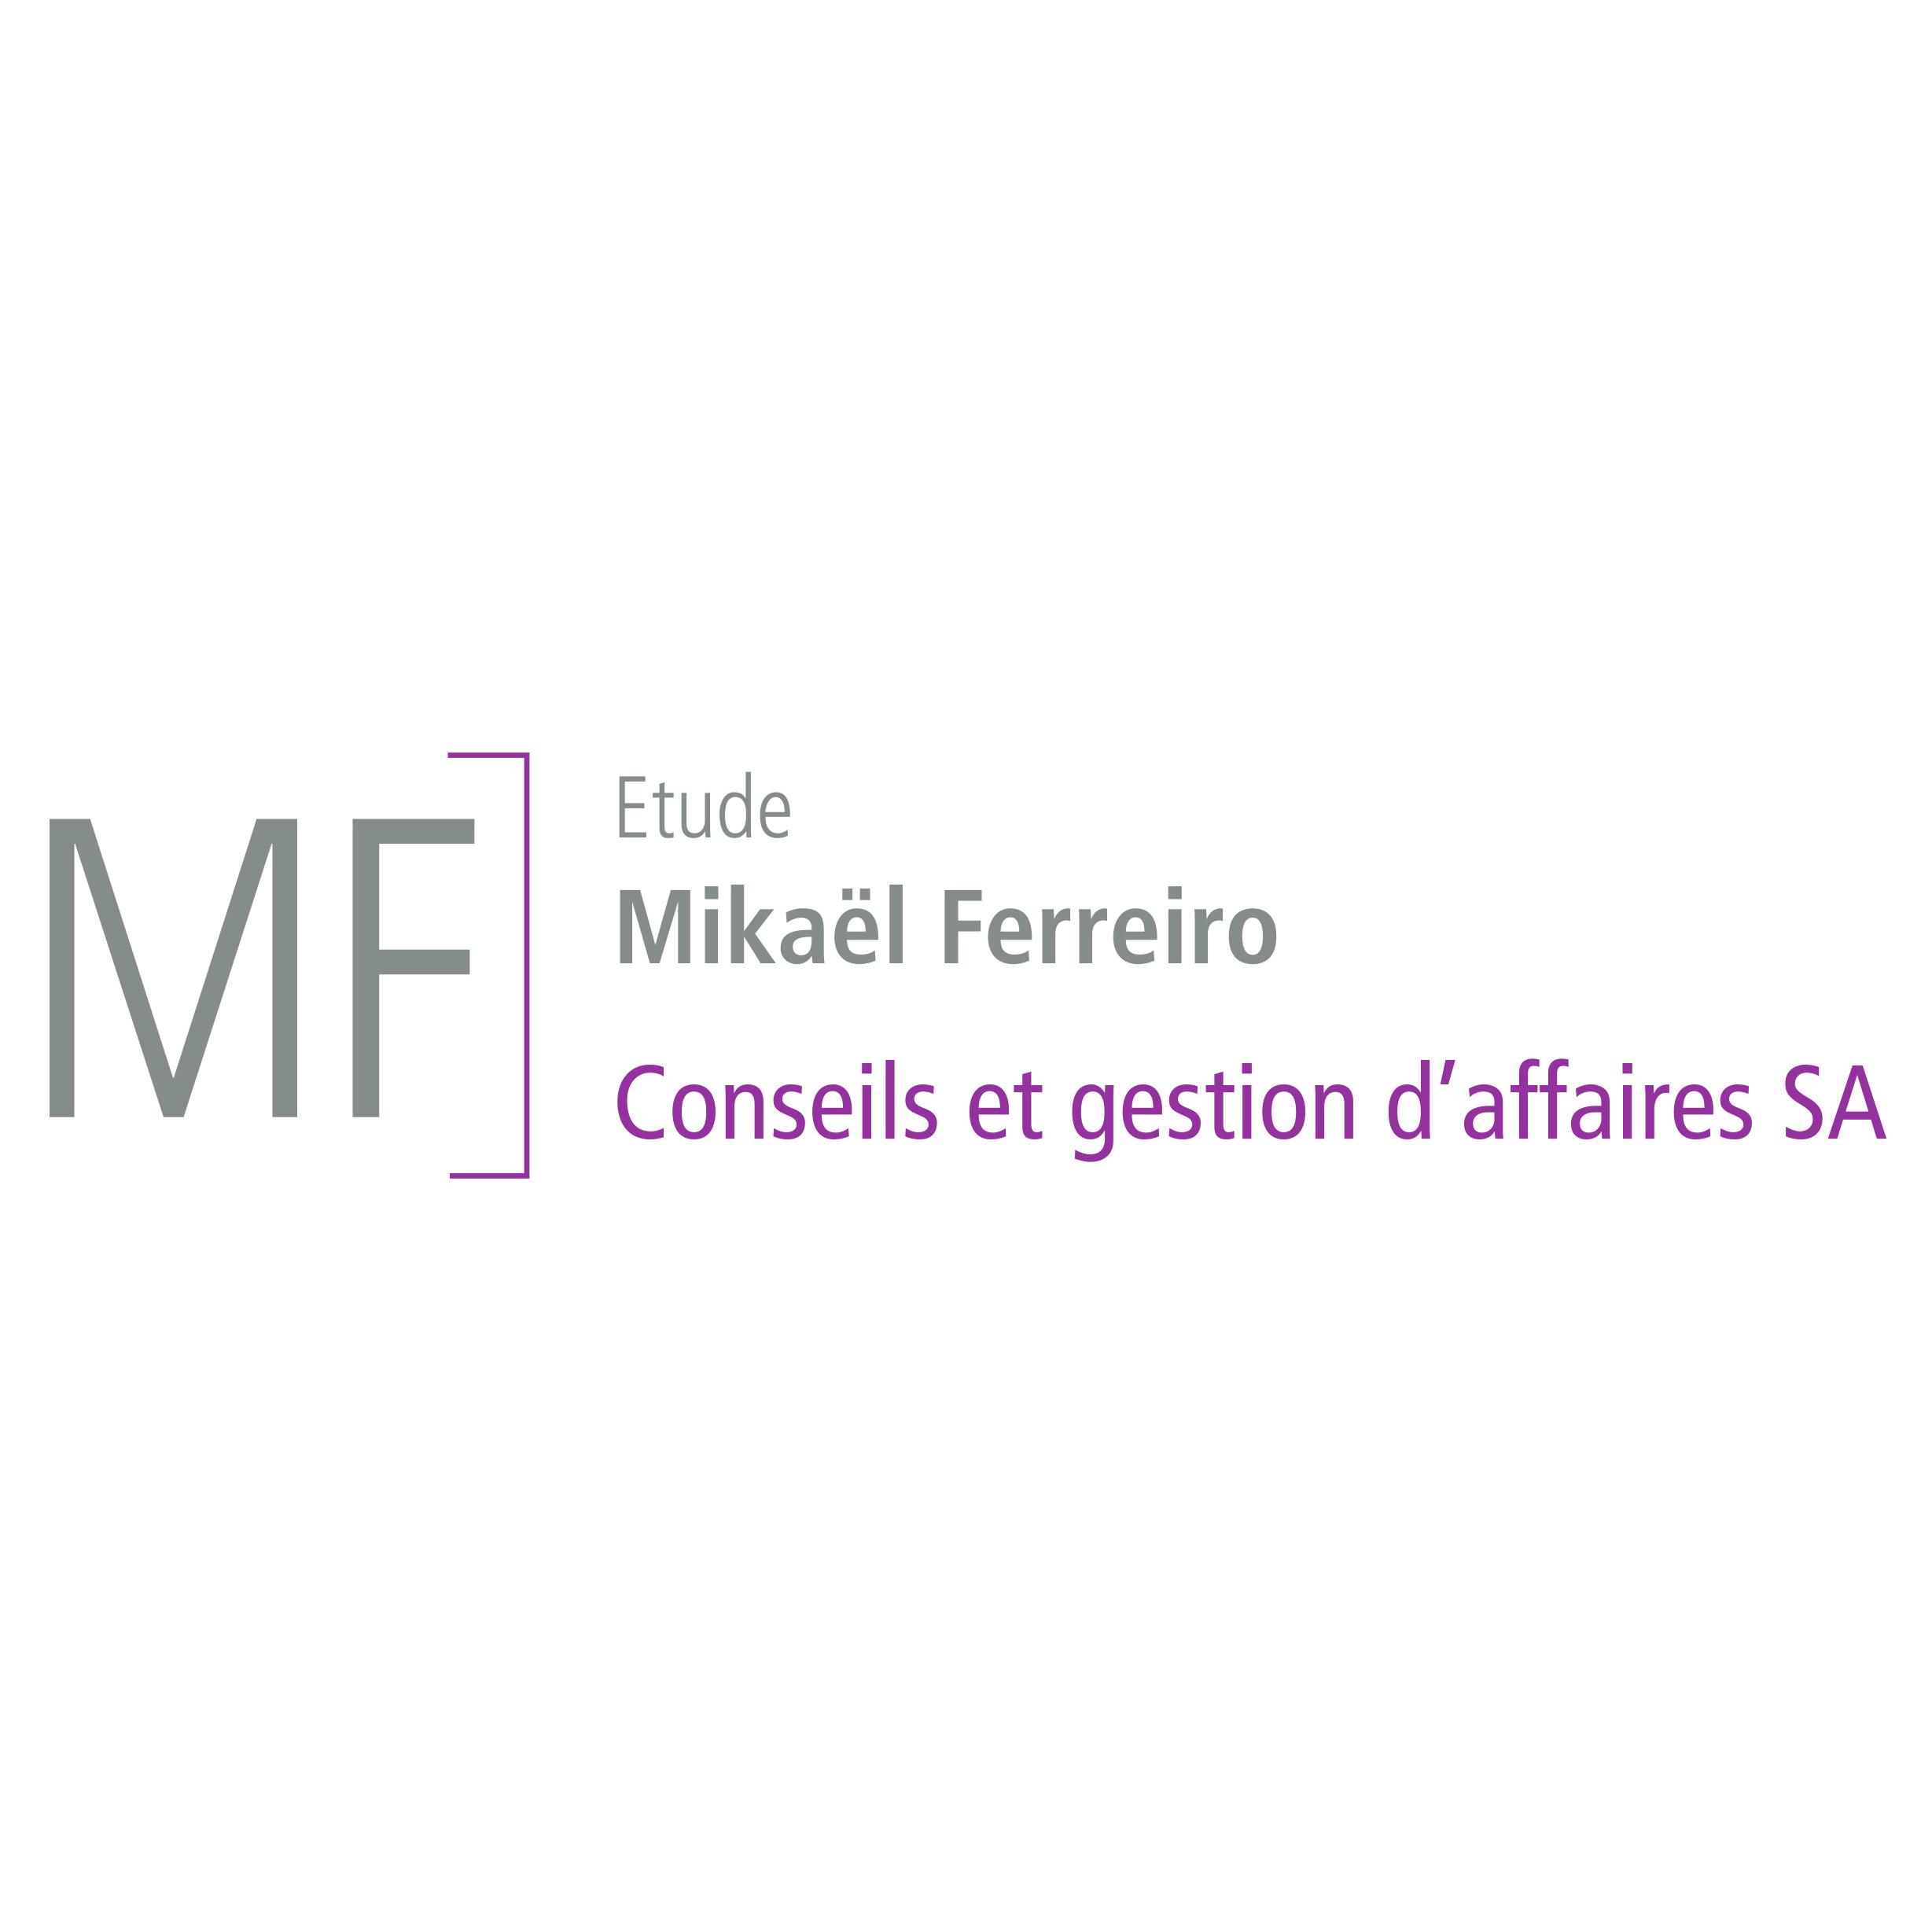 MF Conseils et gestion d'affaires SA